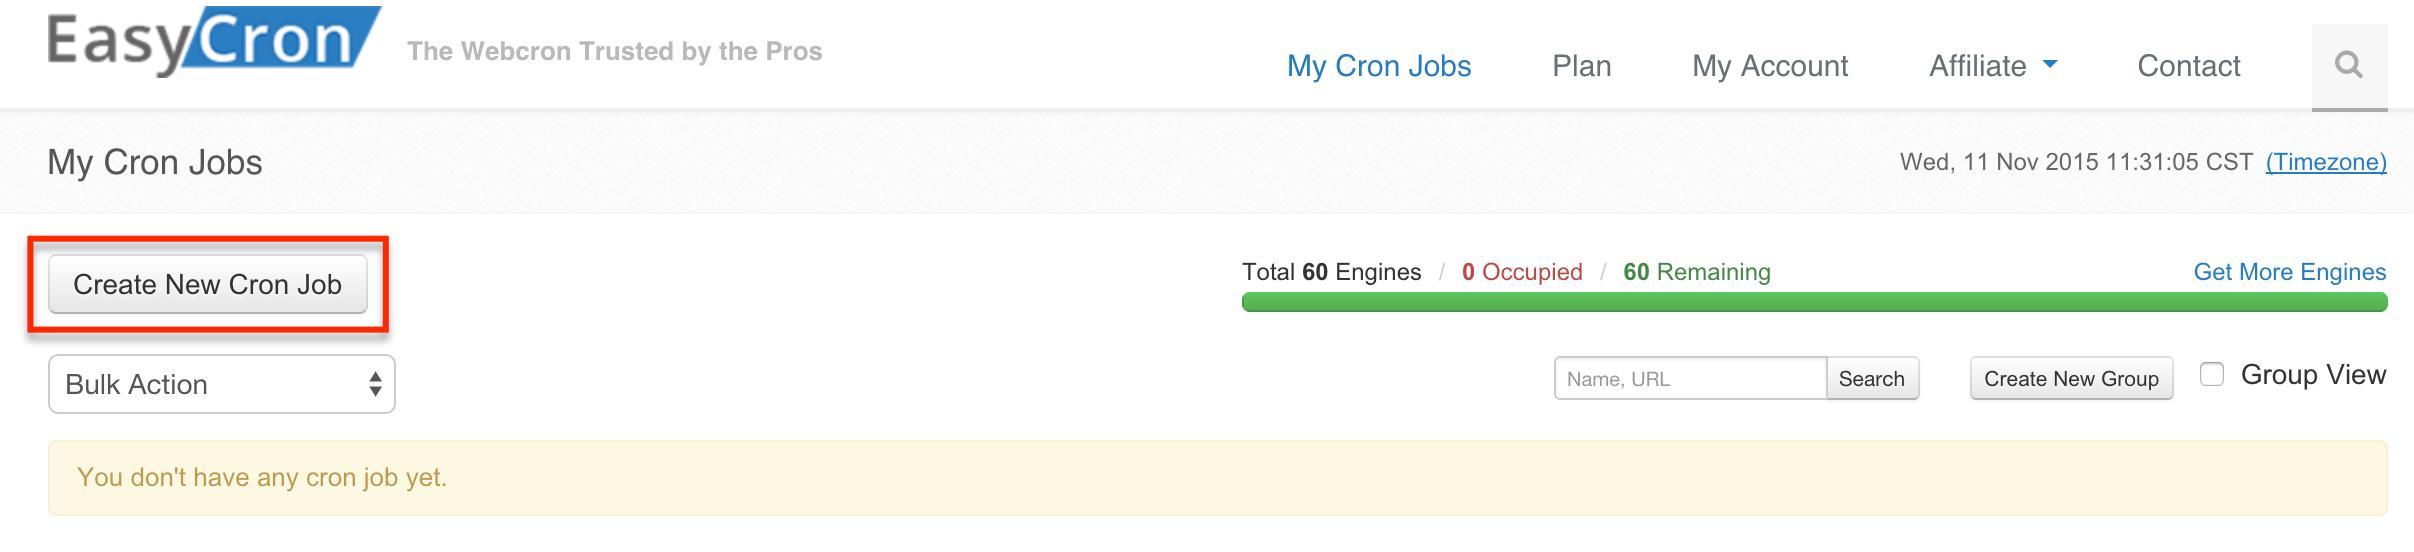 EasyCron Cronjobs